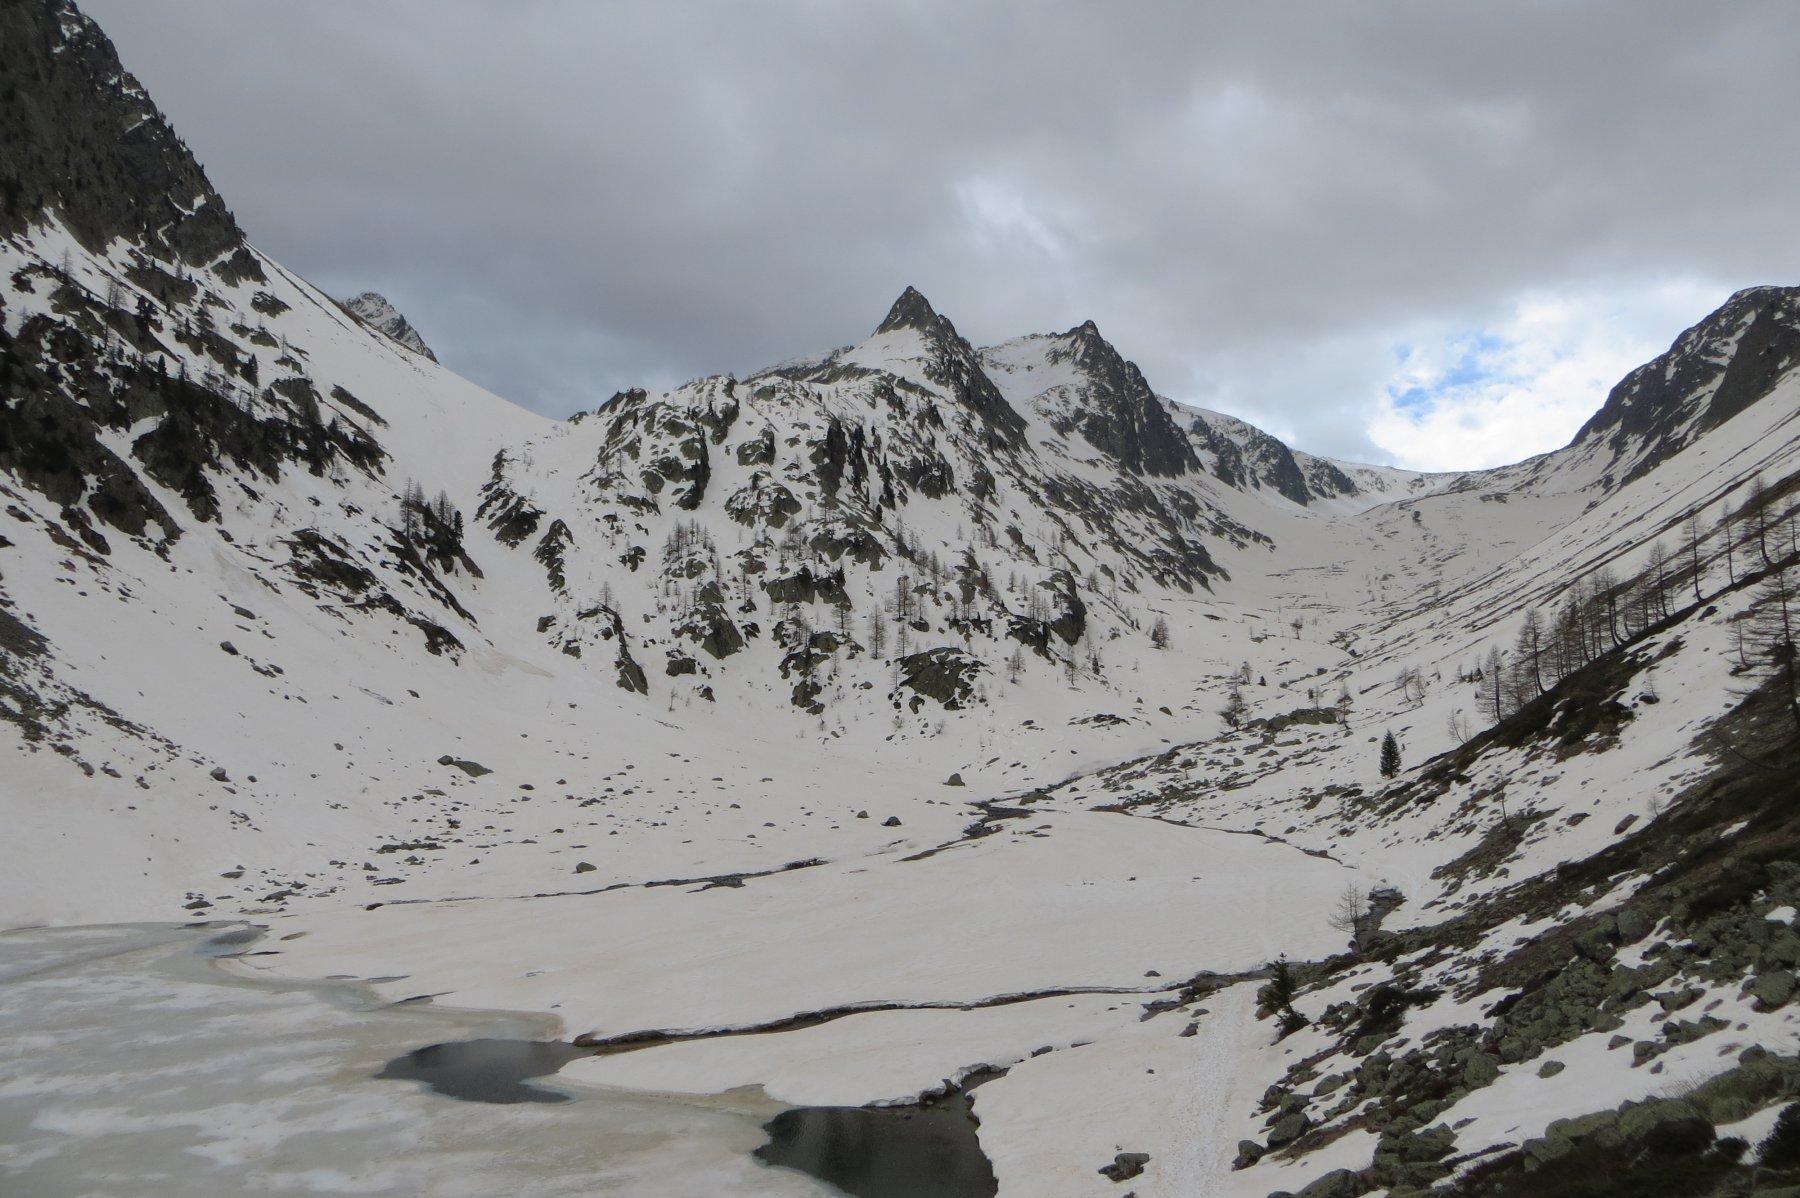 Dal Lago di S. Bernolfo: Vallone della Guercia a sinistra, Vallone di Collalunga a destra